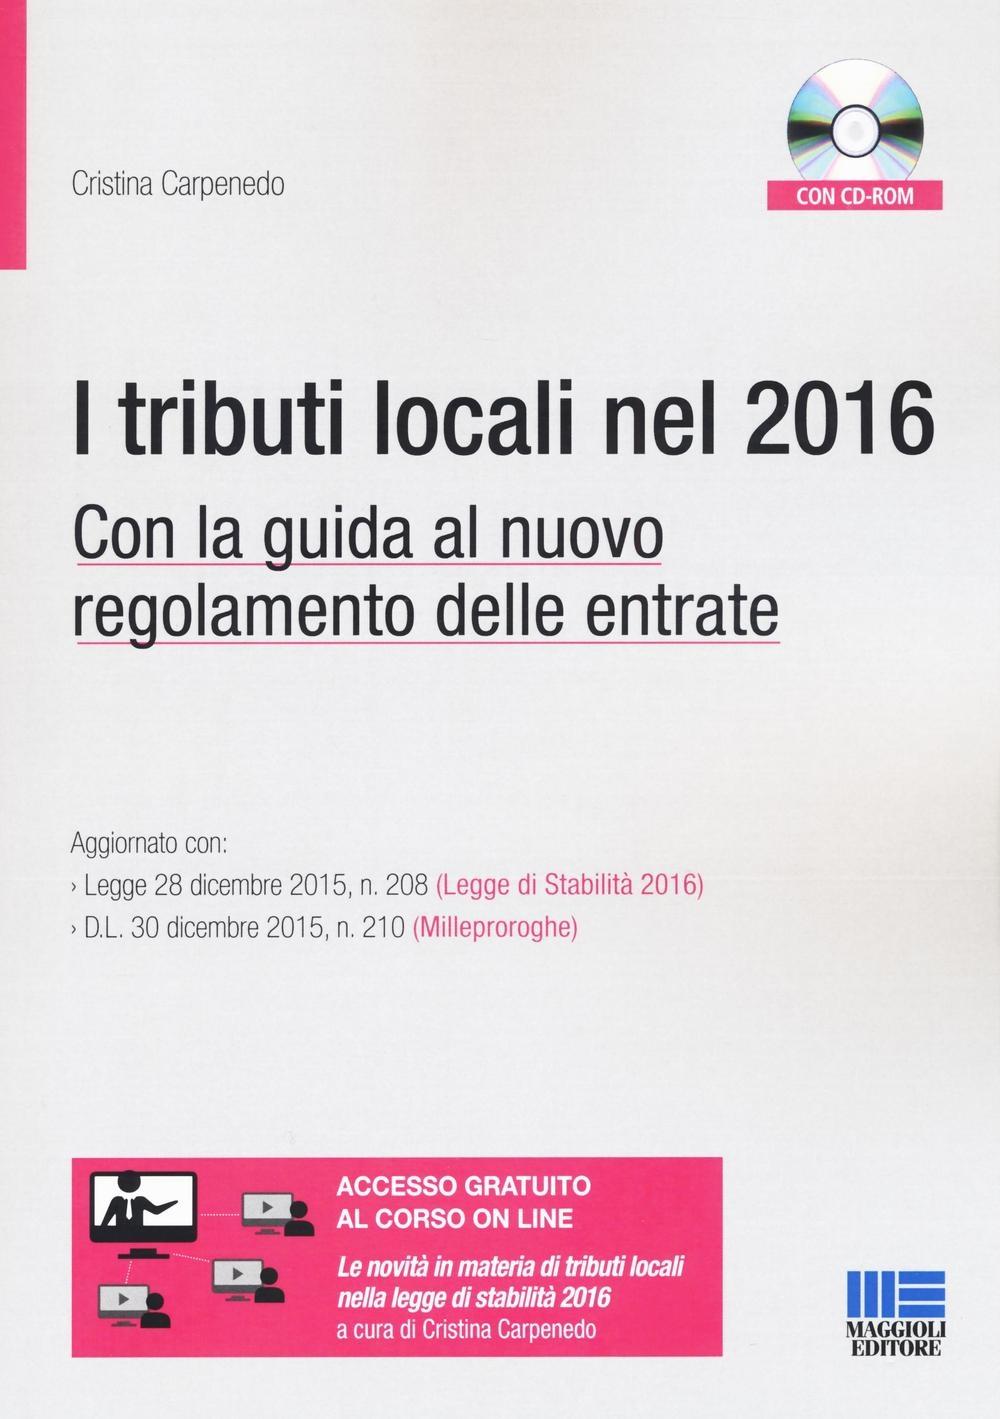 Tributi locali dopo la legge di stabilità 2016. Guida alle modifiche regolamentari